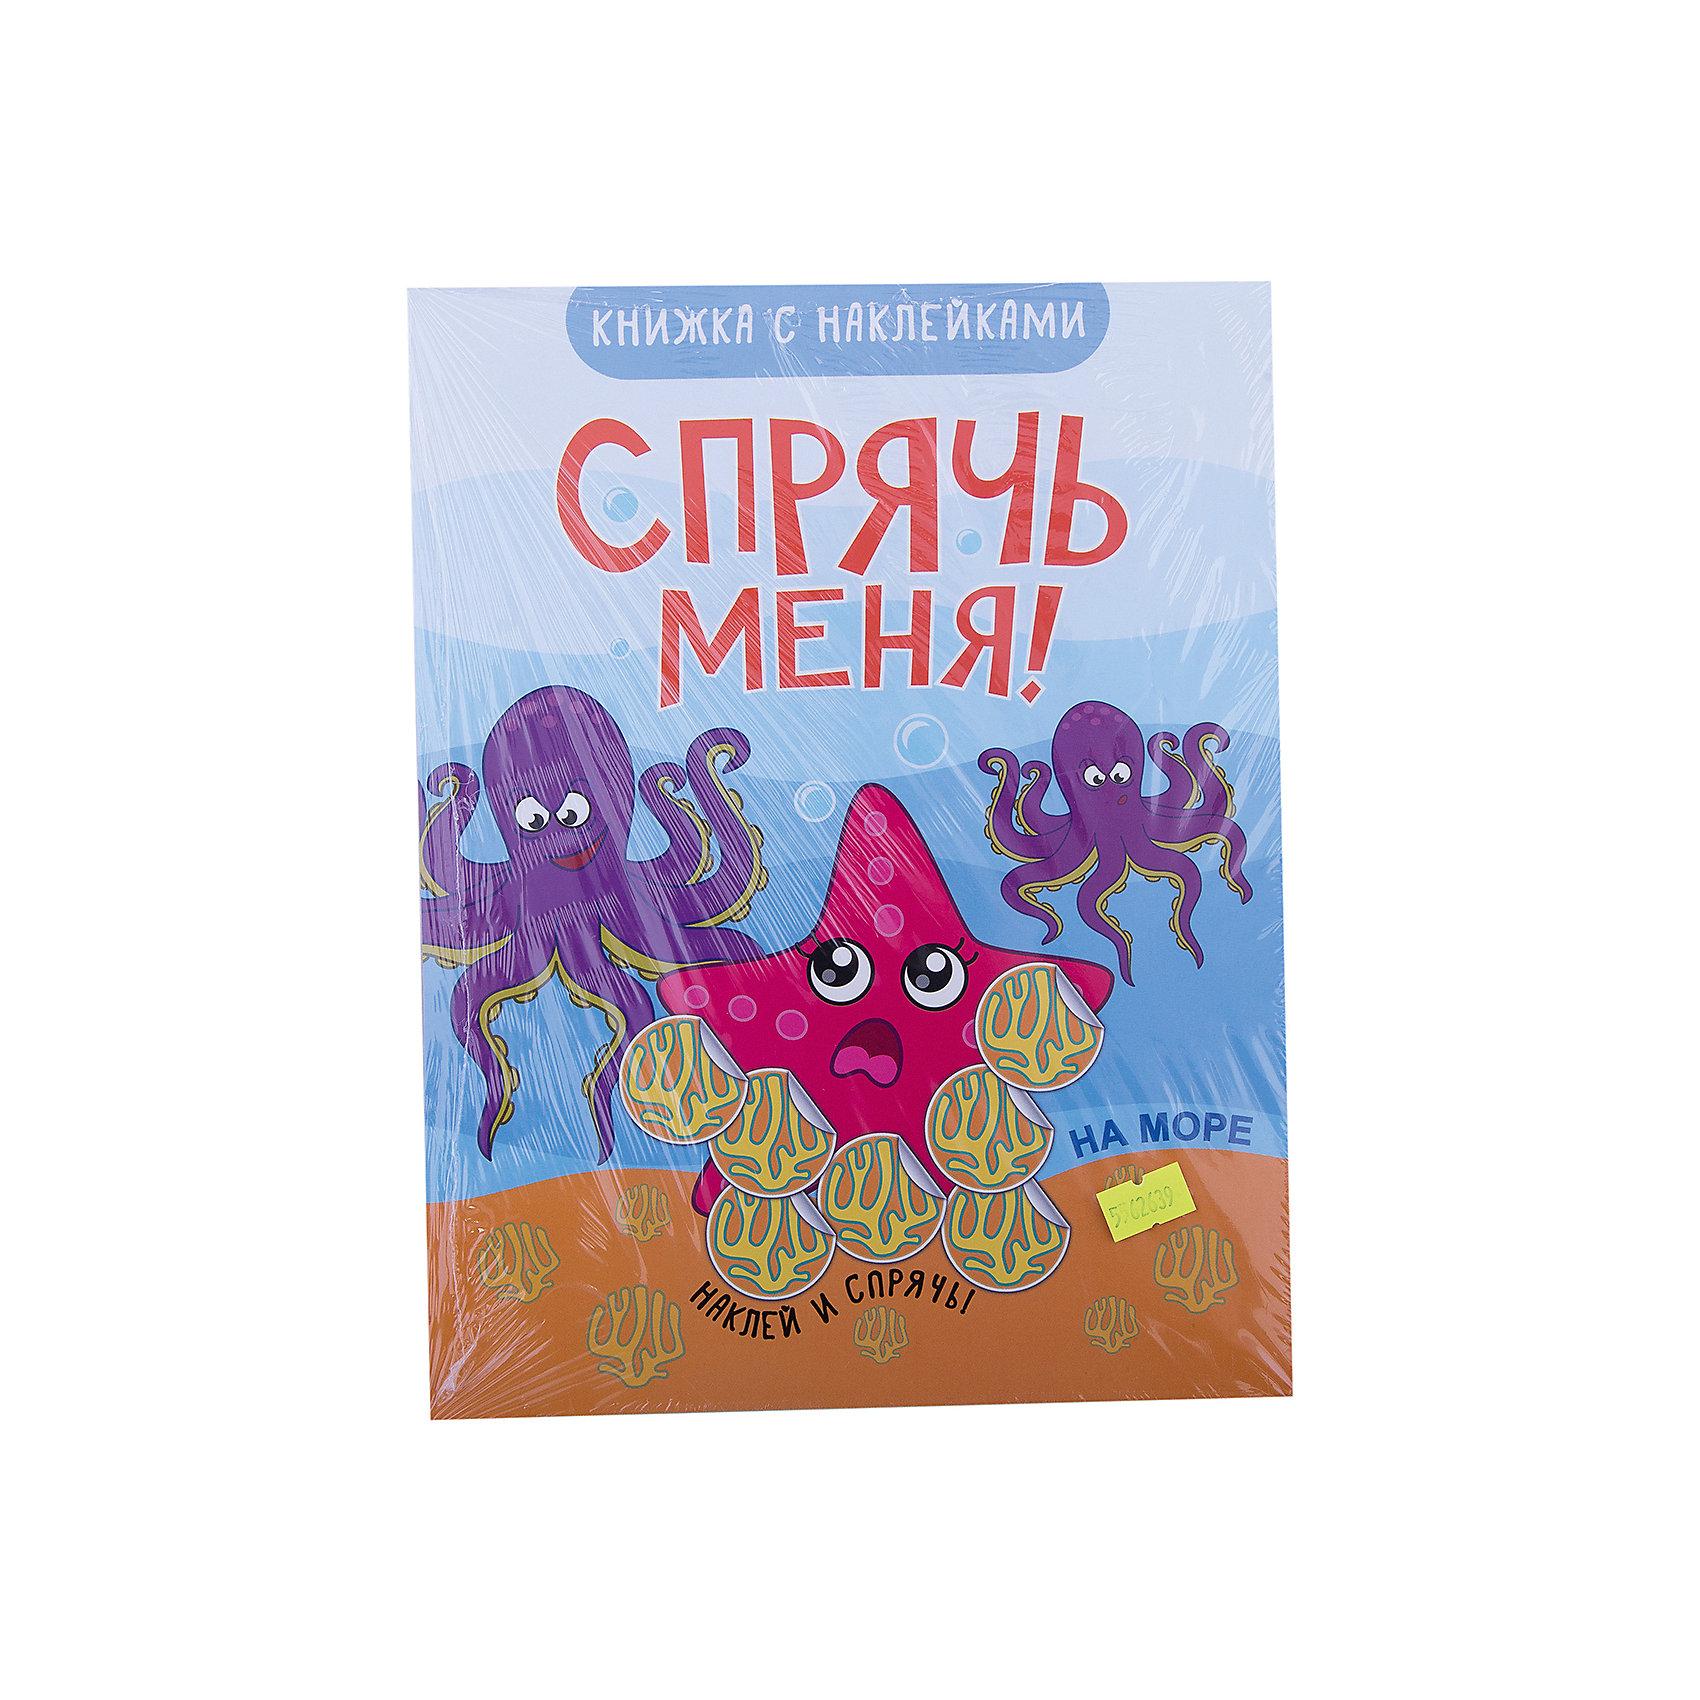 Книжка Спрячь меня! На мореМозаика-Синтез<br>Книжка «Спрячь меня! На море»<br><br>Характеристики:<br>• издательство: Мозаика-Синтез;<br>• размер: 20х26 см.;<br>• количество страниц: 16;<br>• тип обложки: мягкая;<br>• иллюстрации: цветные;<br>• ISBN: 9785431510823;<br>• вес: 100 г.;<br>• для детей в возрасте: от 1 года;<br>• страна производитель: Россия.<br>Книжка с наклейками из серии «Спрячь меня!» предназначена для занятий с самыми маленькими детьми от года. Задания в книге представлены в стихах и малышу сразу станет интересно от кого же придётся прятать зверюшек. С помощью наклеек предлагается укрывать морскую звёздочку, краба, водяных жучков и не только! Наклейки из набора качественно проработаны и могут быть наклеены несколько раз. Занимаясь с этой книжкой дети смогут развивать мелкую моторику рук, логическое мышление, чувство цвета, творческие способности. Слушая стихотворения и отвечая на вопросы дети развивают память, словарный запас, учатся правильно формировать и строить предложения, запоминают основные правила русского языка.<br>Книжку «Спрячь меня! На море» можно купить в нашем интернет-магазине.<br><br>Ширина мм: 20<br>Глубина мм: 200<br>Высота мм: 260<br>Вес г: 100<br>Возраст от месяцев: 12<br>Возраст до месяцев: 60<br>Пол: Унисекс<br>Возраст: Детский<br>SKU: 5562639